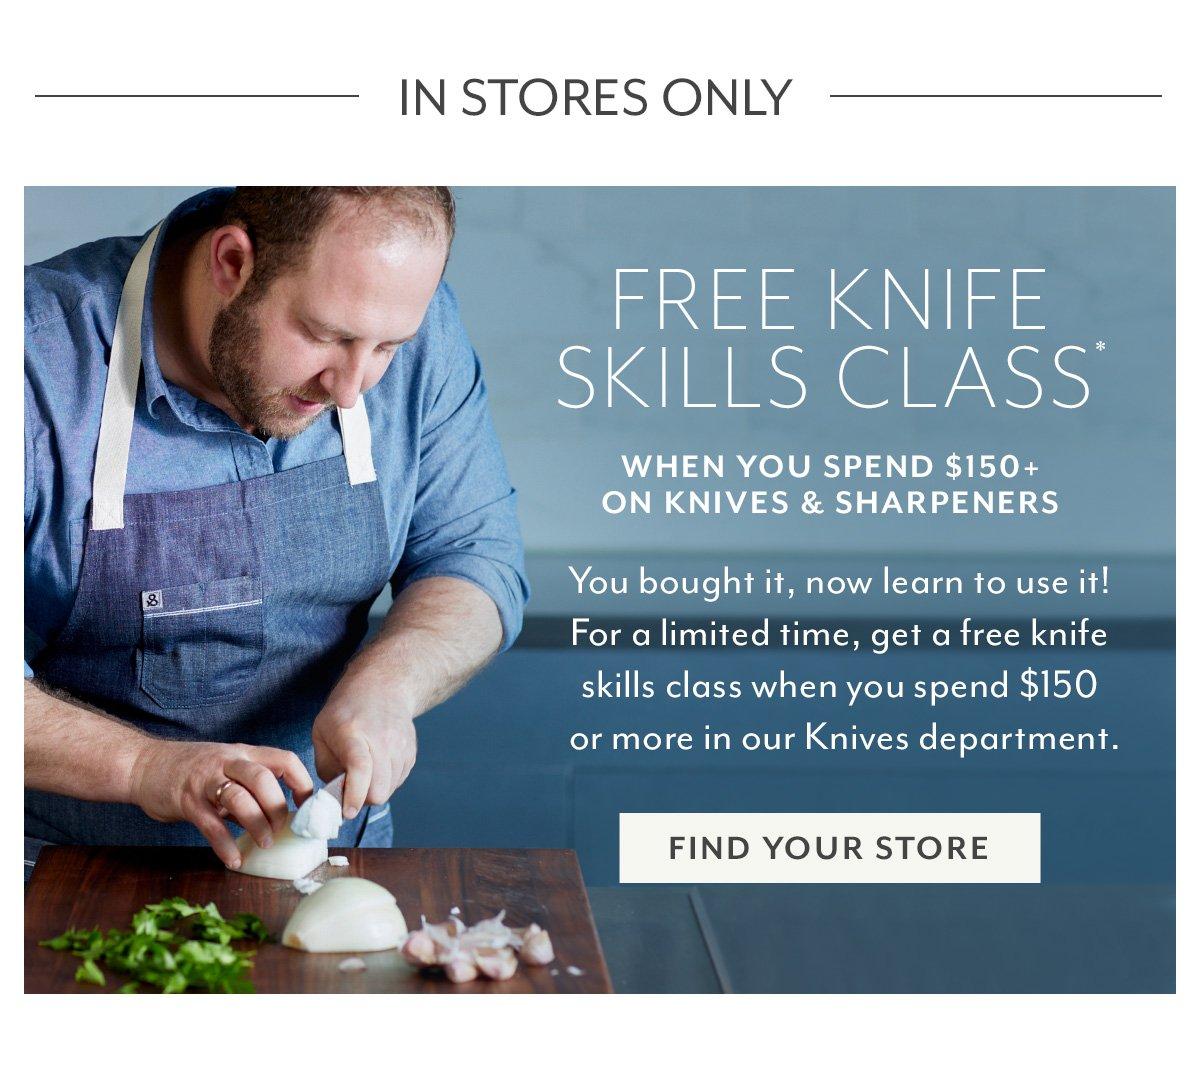 Free Knife Skills Class